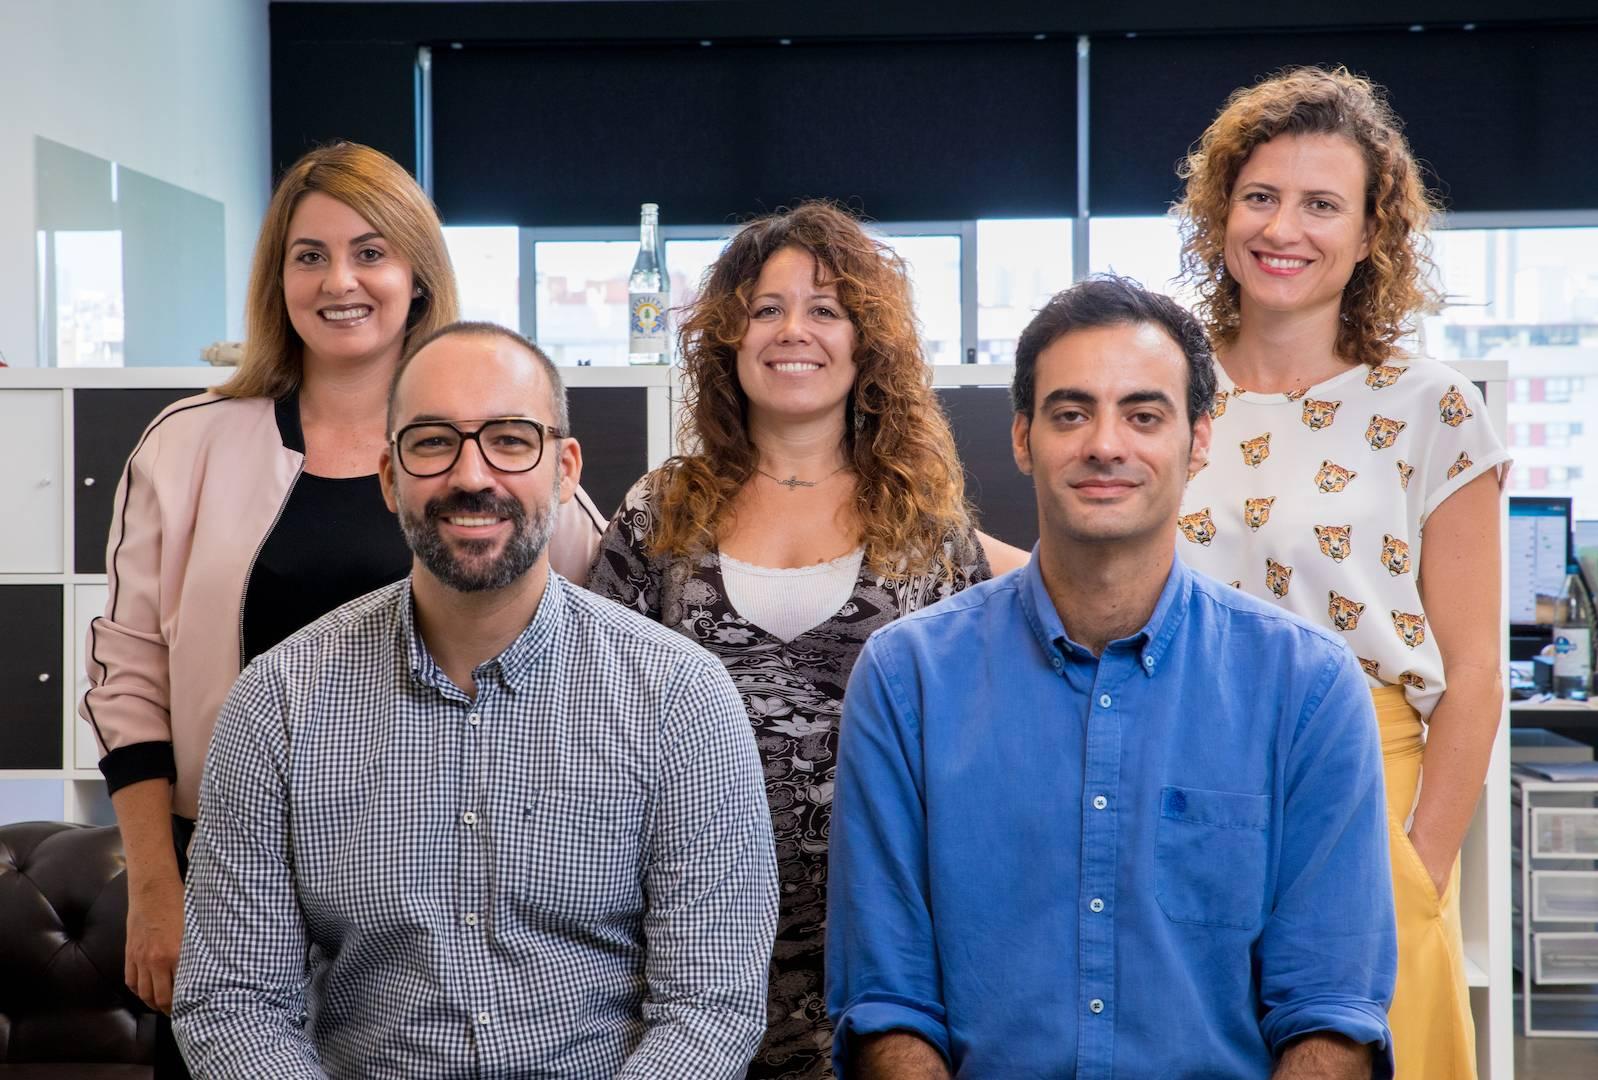 Un equipo de consultores listo para identificar, traducir y acompañar